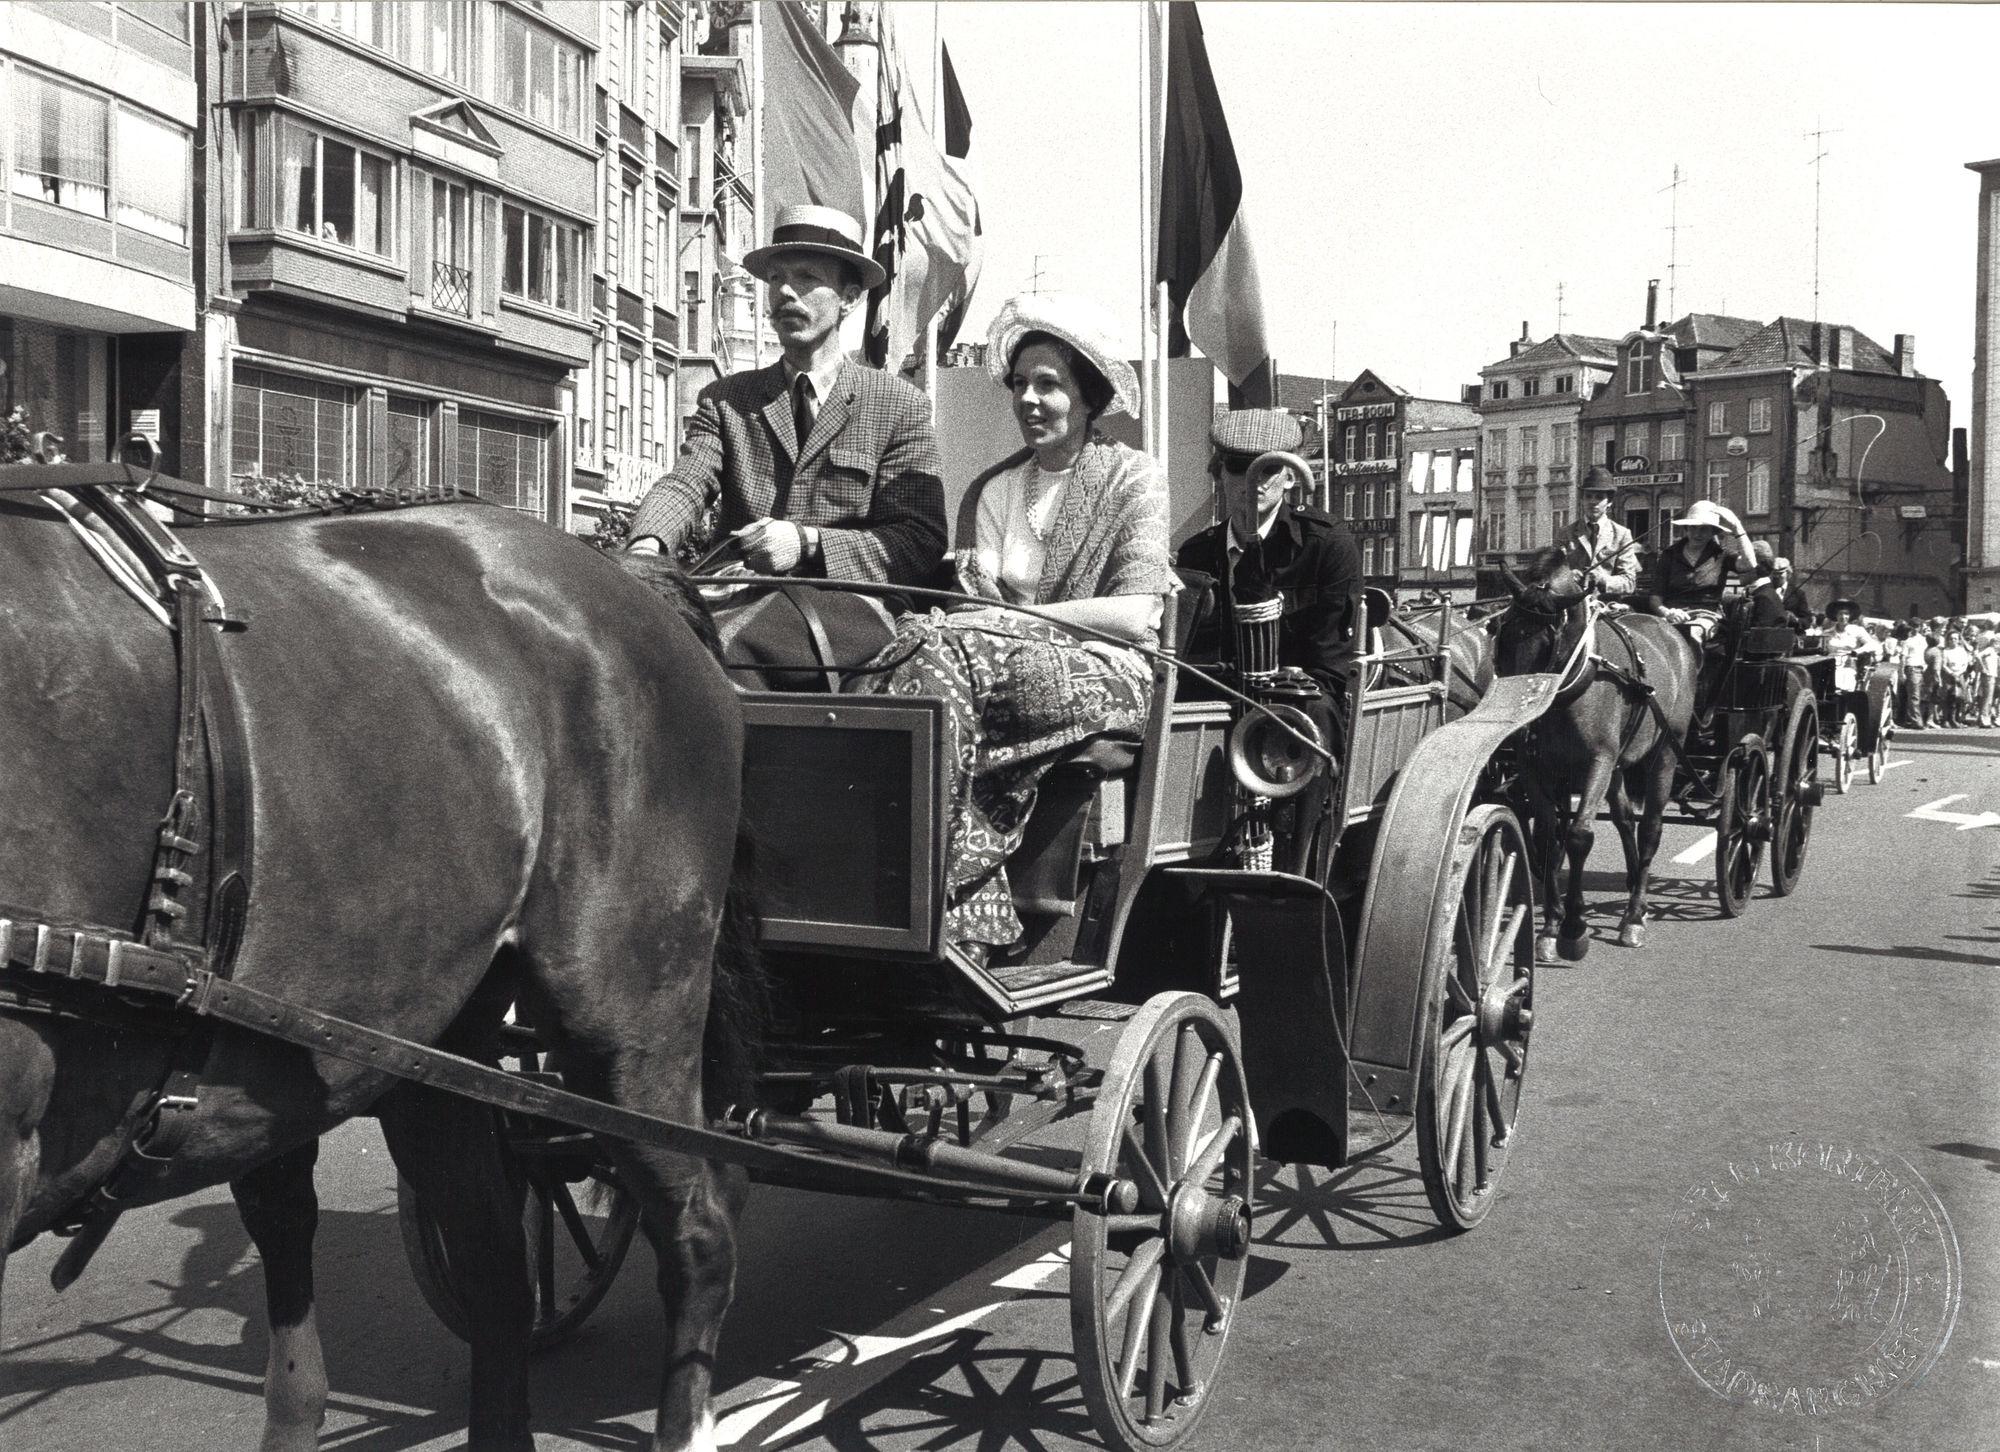 Sinksenstoet 1977